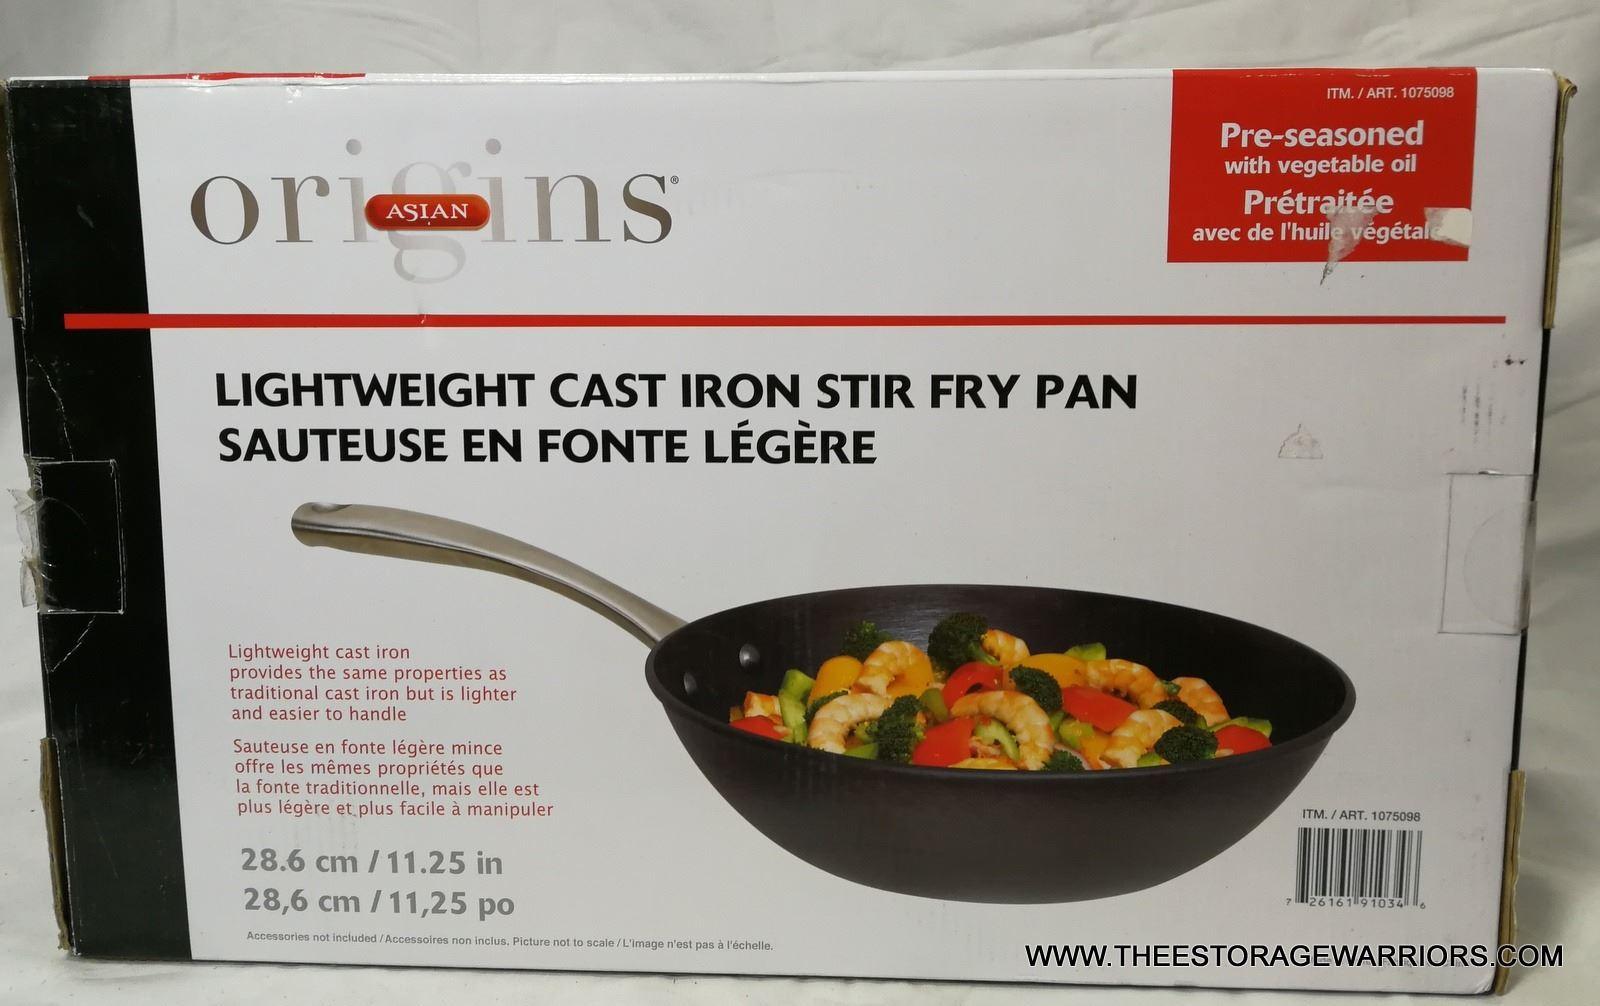 Origins Lightweight Cast Iron Stir Fry Pan